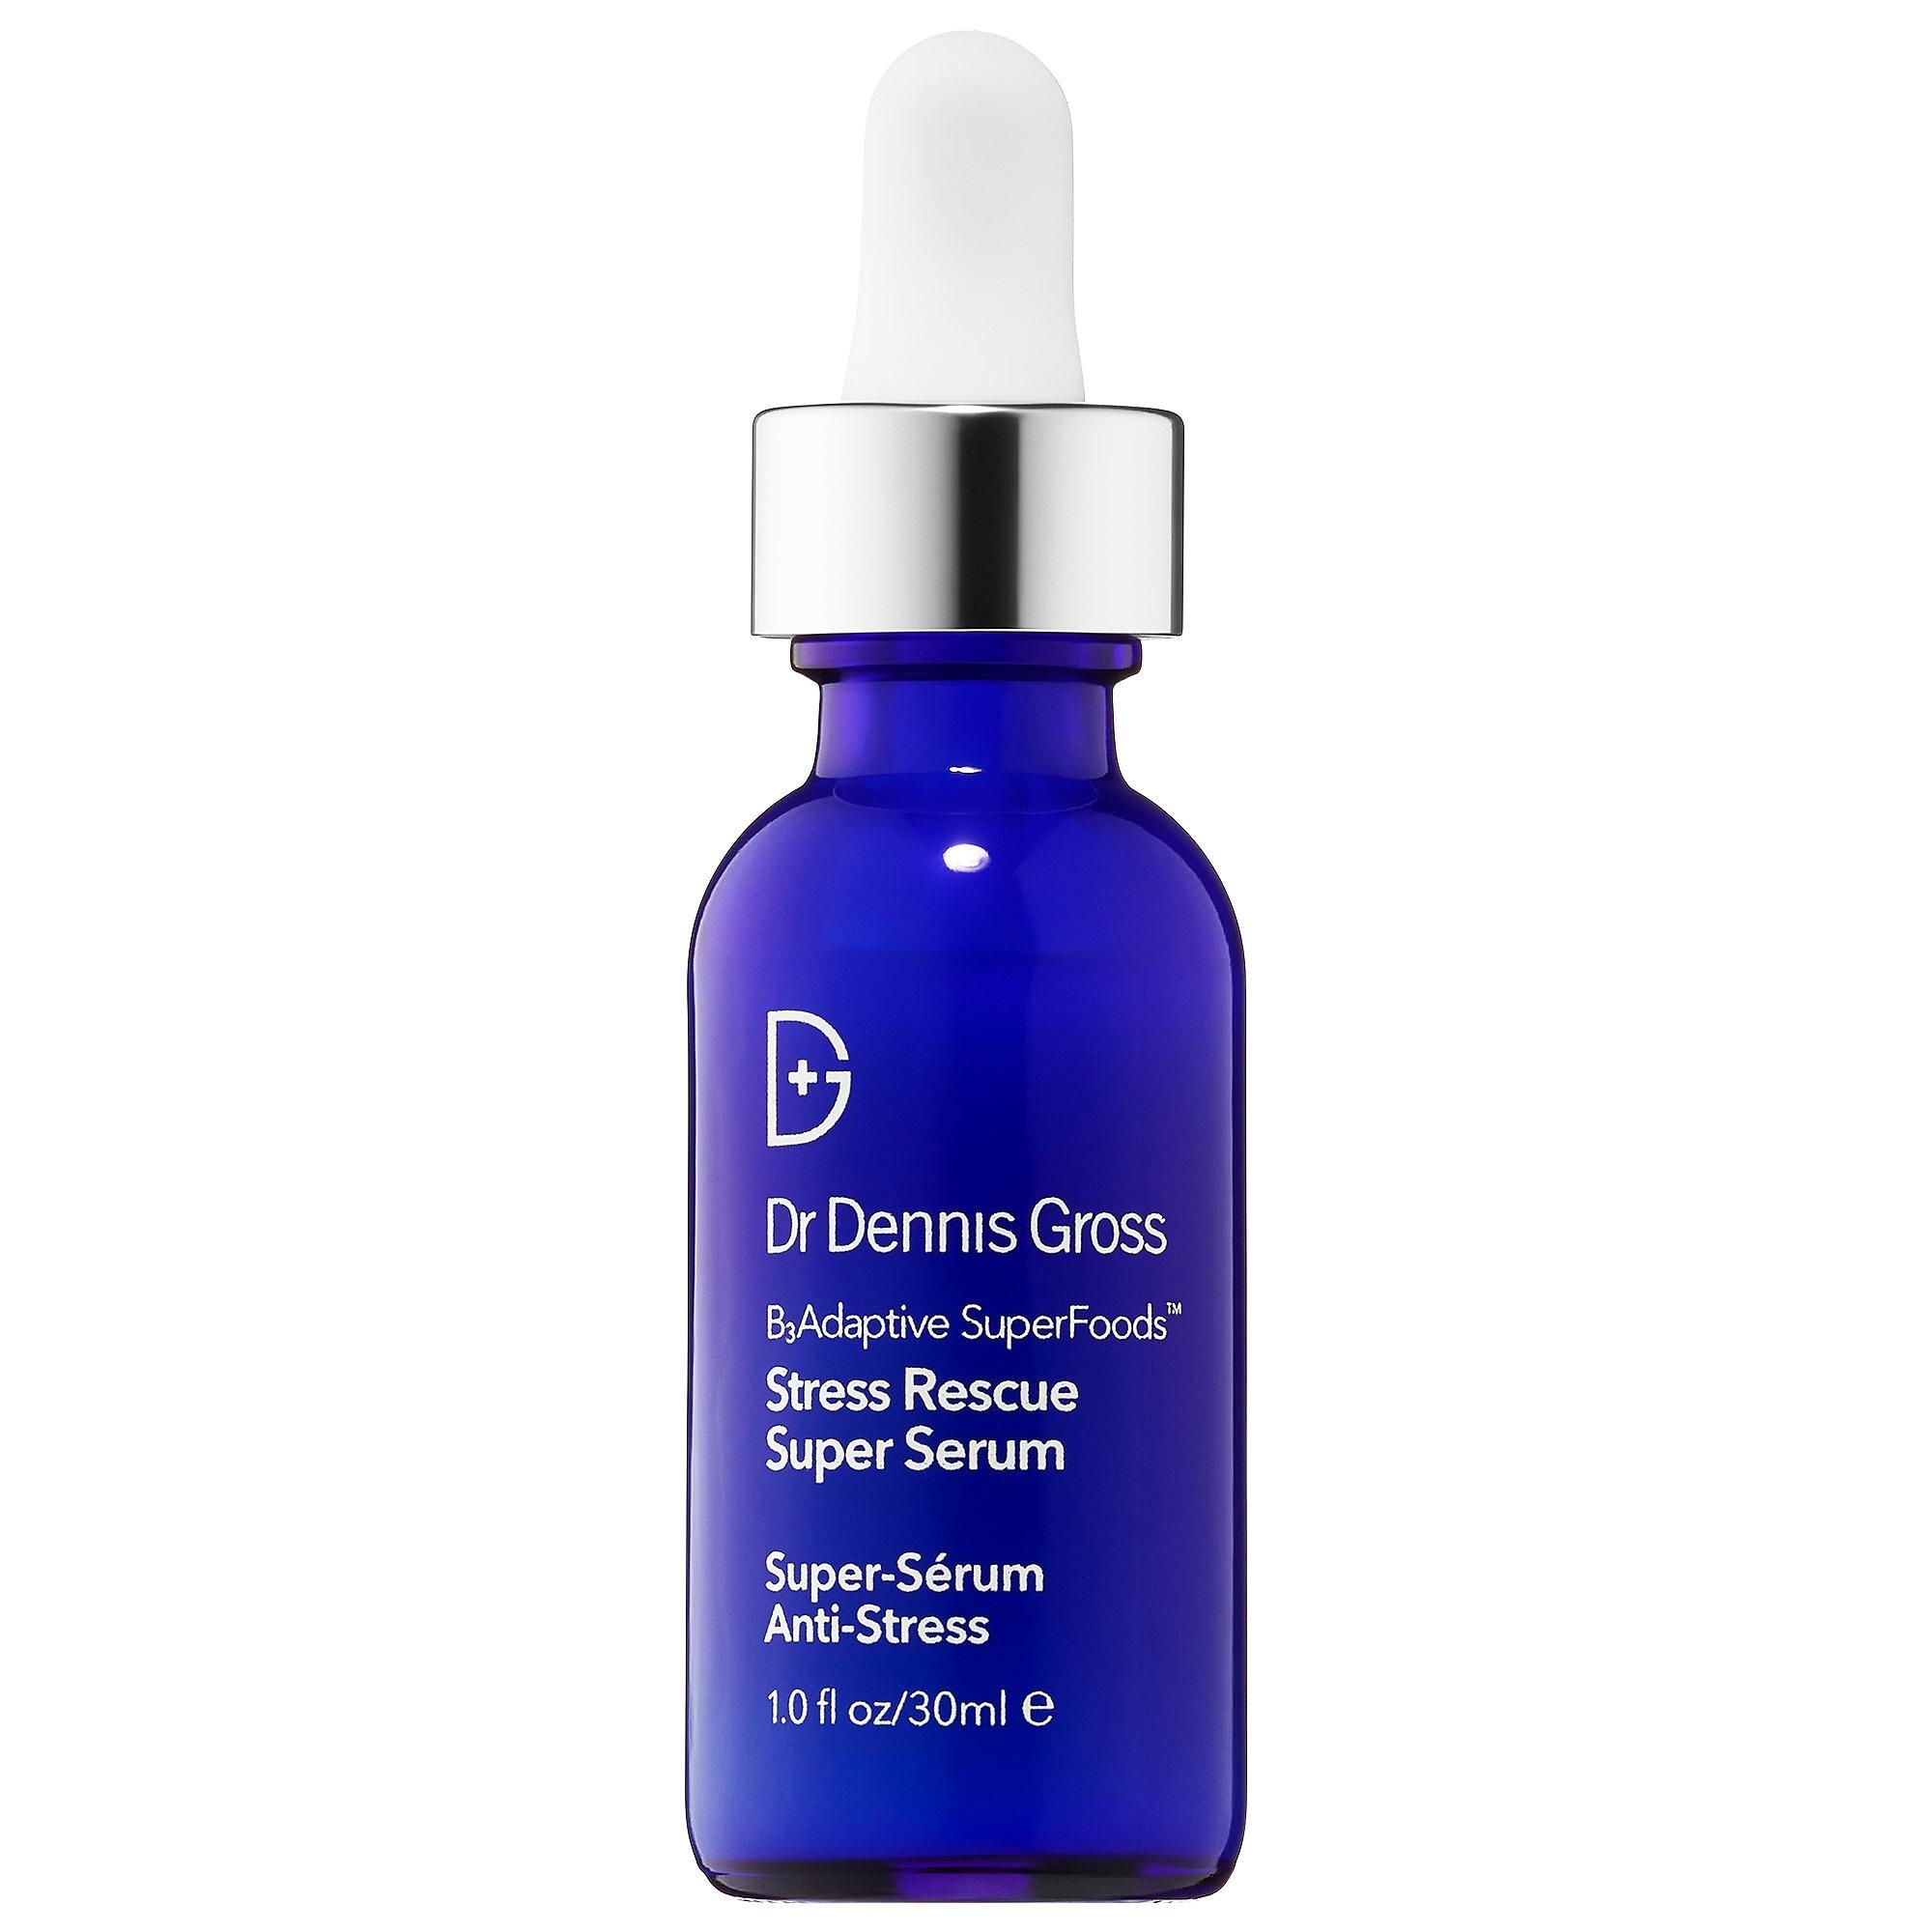 Dr. Dennis Gross Skincare - Stress Rescue Super Serum with Niacinamide